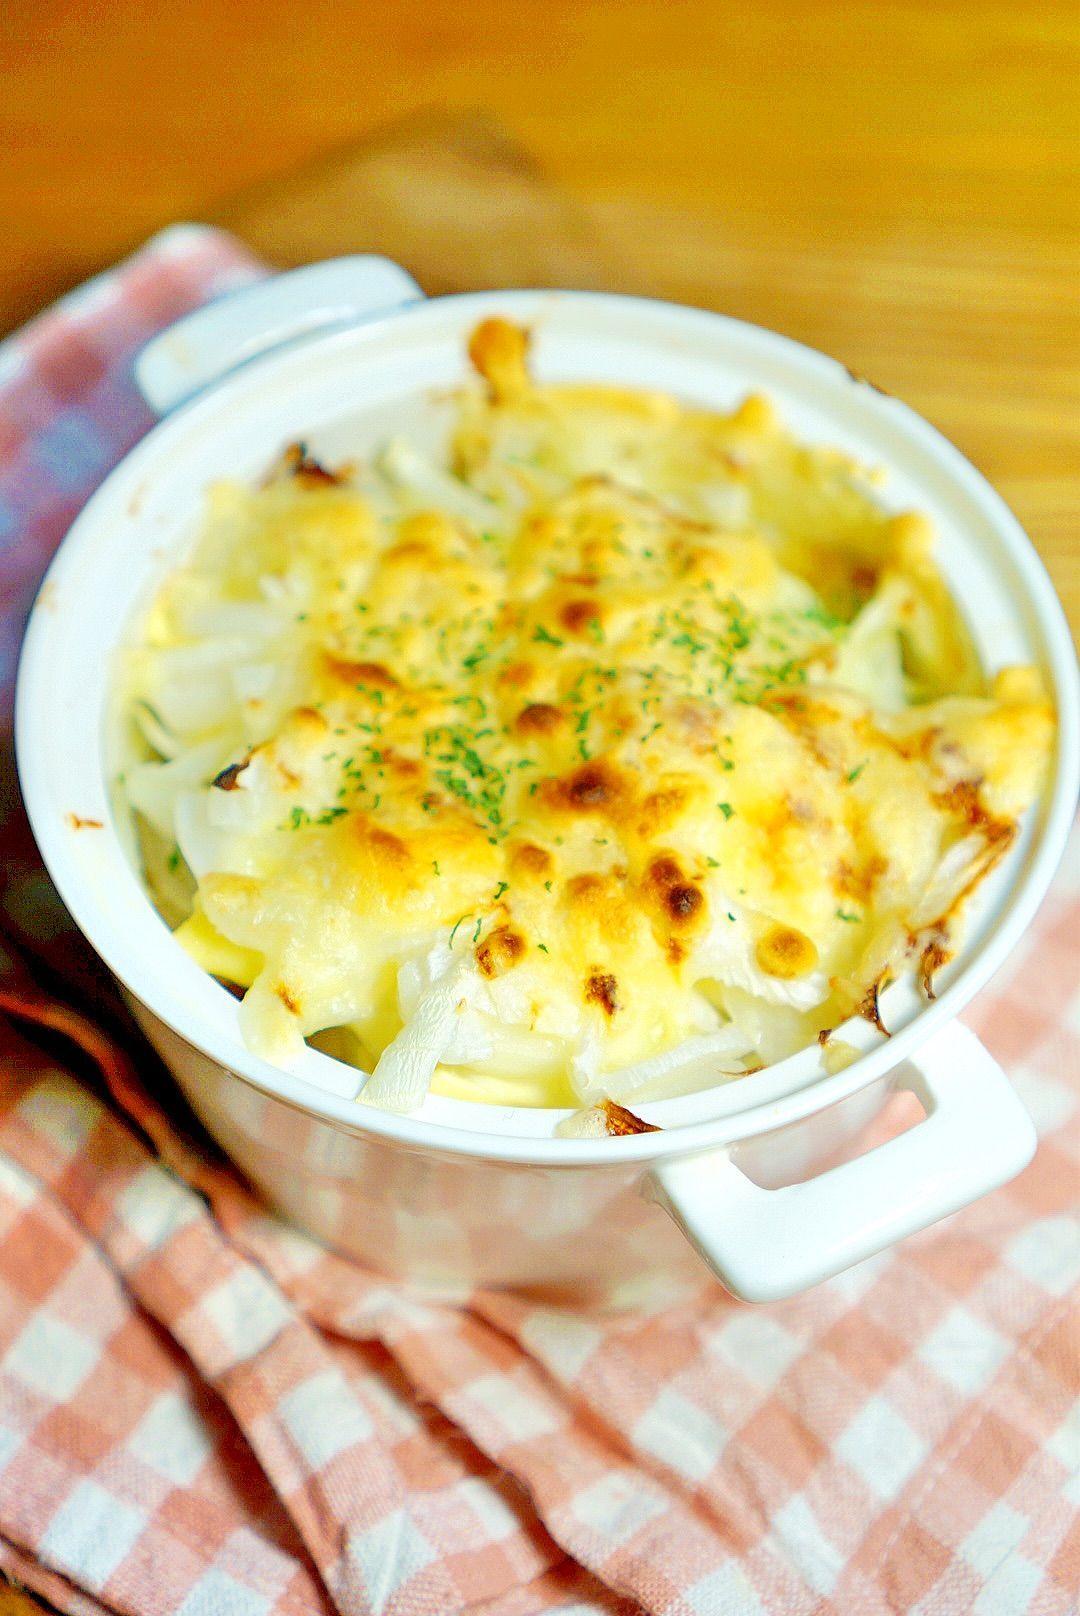 味付け不要!さば缶と新玉ねぎで!超簡単で美味しい☆チーズ焼きのレシピ